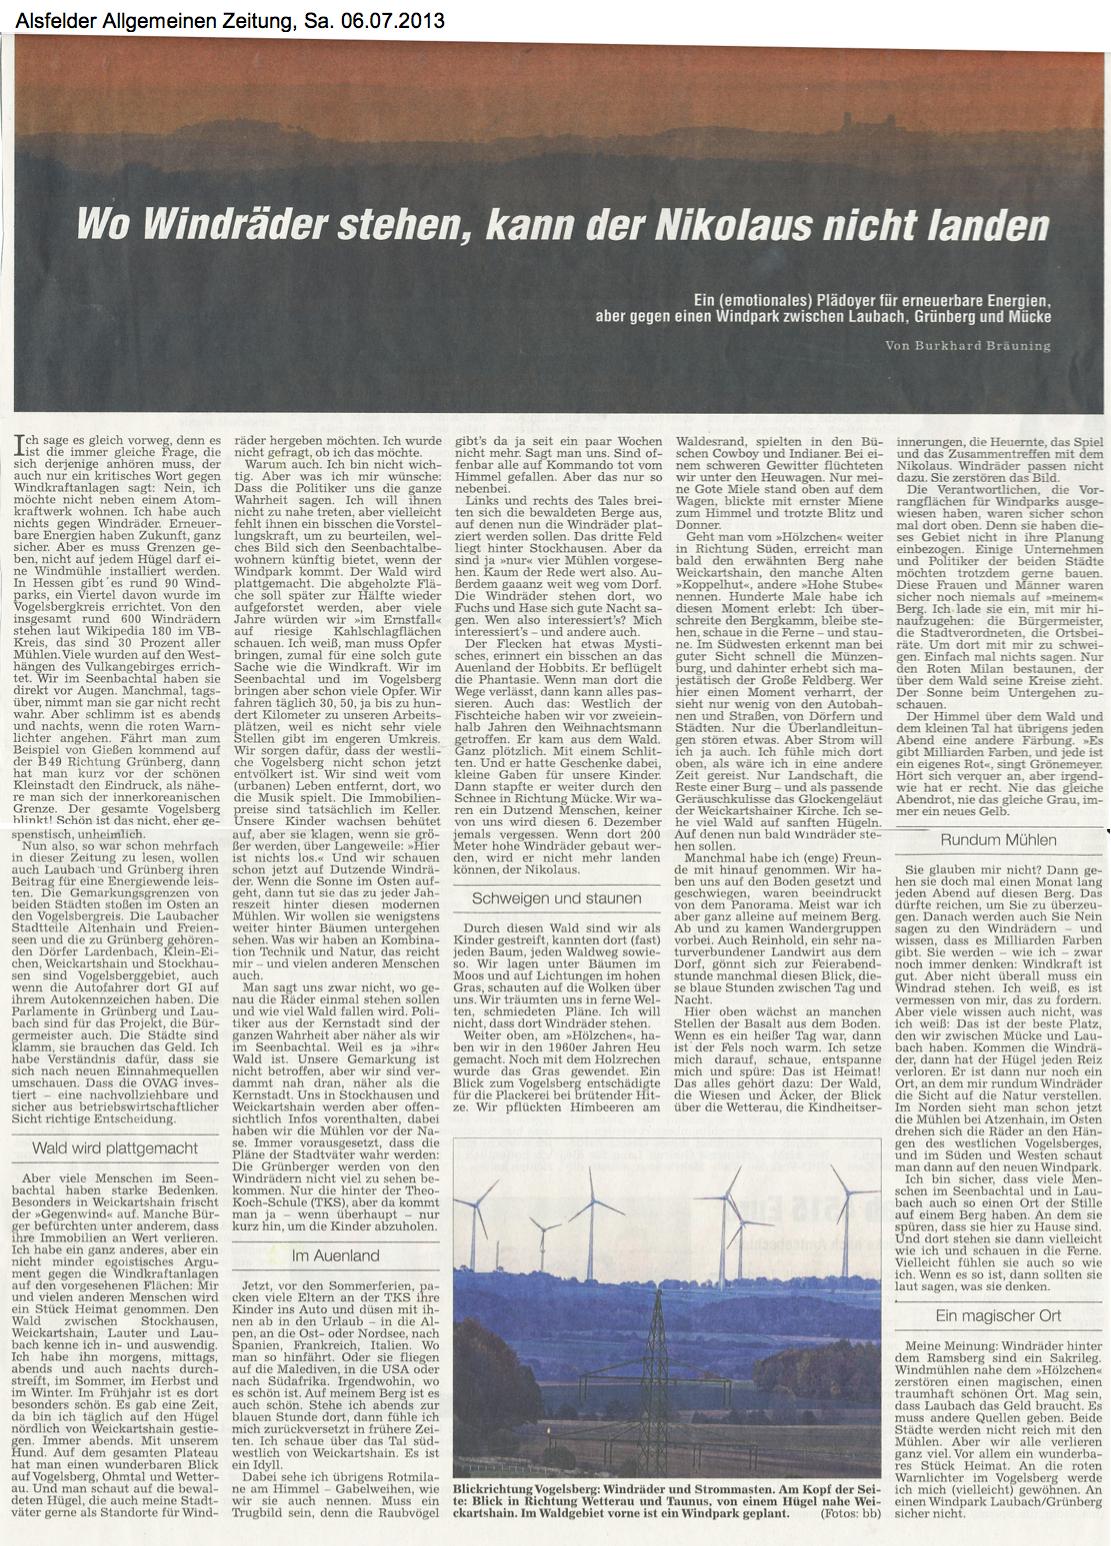 Seenbachtal: Wo Windräder stehen, kann der Nikolaus nicht landen, Alsfelder Allgemeine 06.07.2013 - von Burkhard Bräuning